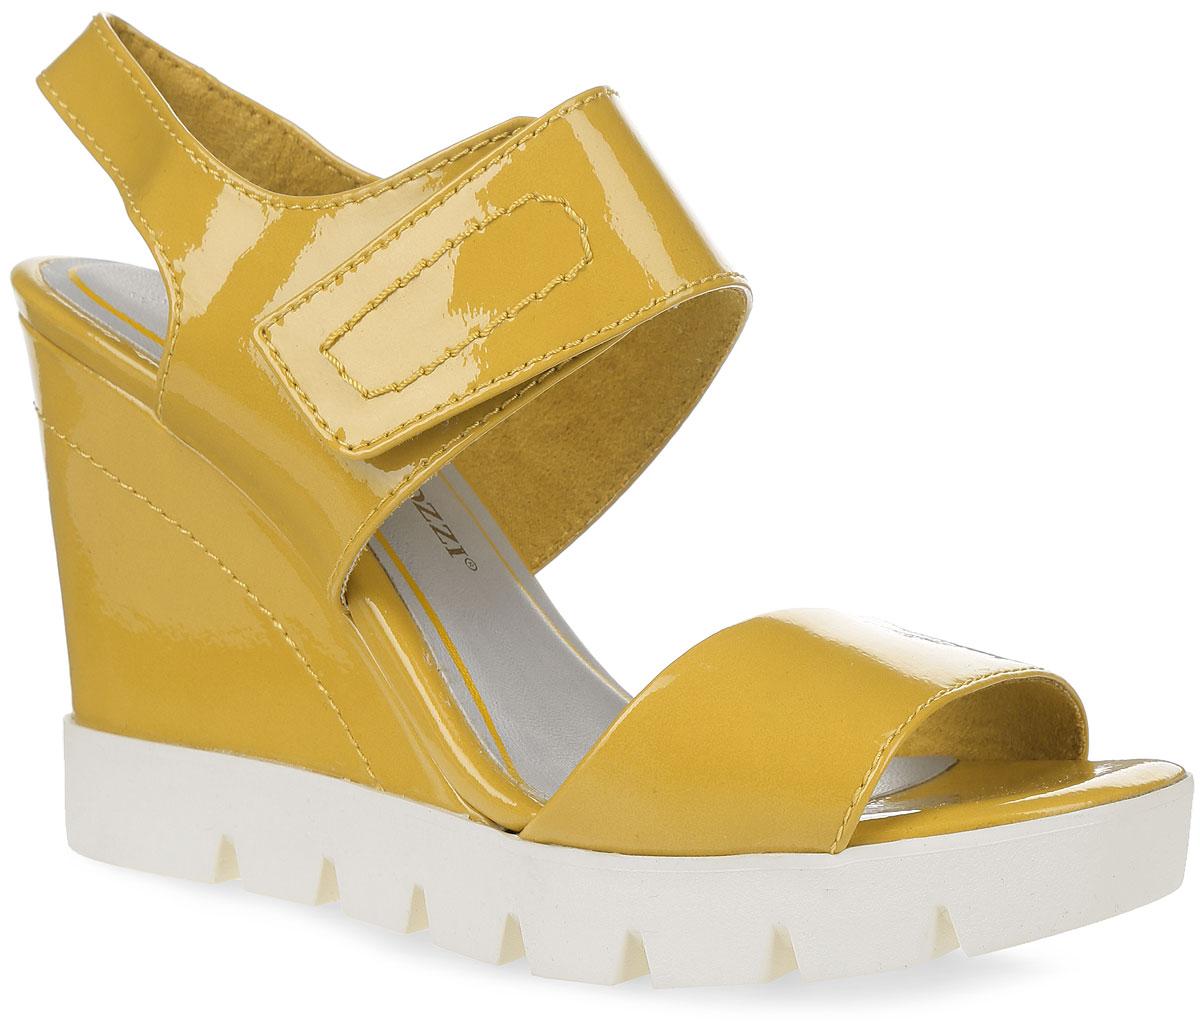 2-2-28745-36-670Стильные женские босоножки на высокой танкетке от Marco Tozzi заинтересуют вас своим дизайном. Модель изготовлена из искусственных материалов с лаковой поверхностью. Стелька с эффектом памяти, выполненная из искусственной кожи, и текстильная подкладка обеспечат комфорт. Ремешок на застежке-липучке надежно зафиксирует обувь на ноге. Утолщенная подошва с рифлением обеспечивает отличное сцепление с поверхностью. Модные босоножки внесут изюминку в ваш модный образ.